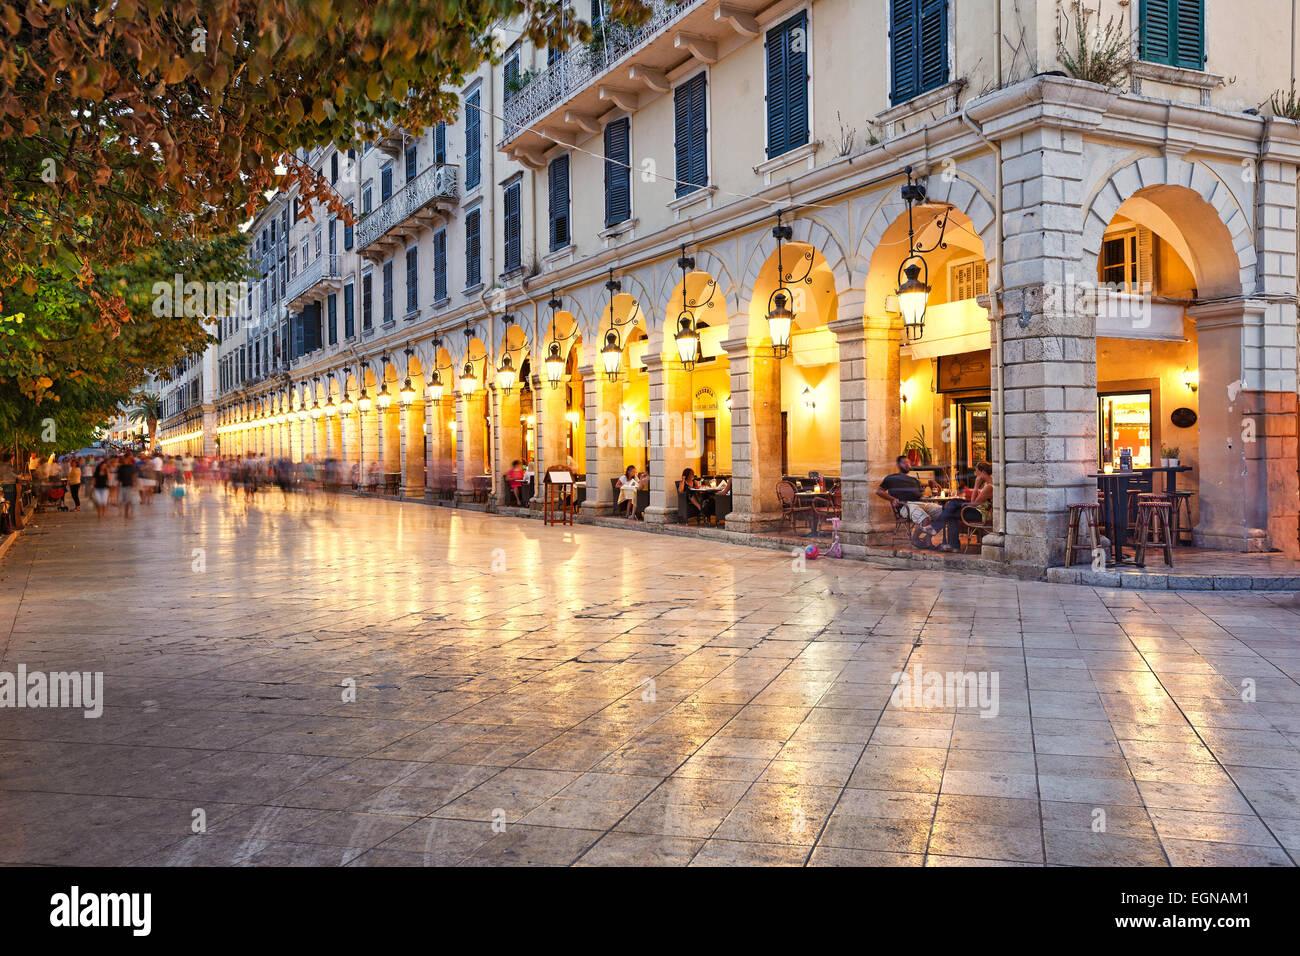 Liston square, en la ciudad de Corfú, Grecia Imagen De Stock